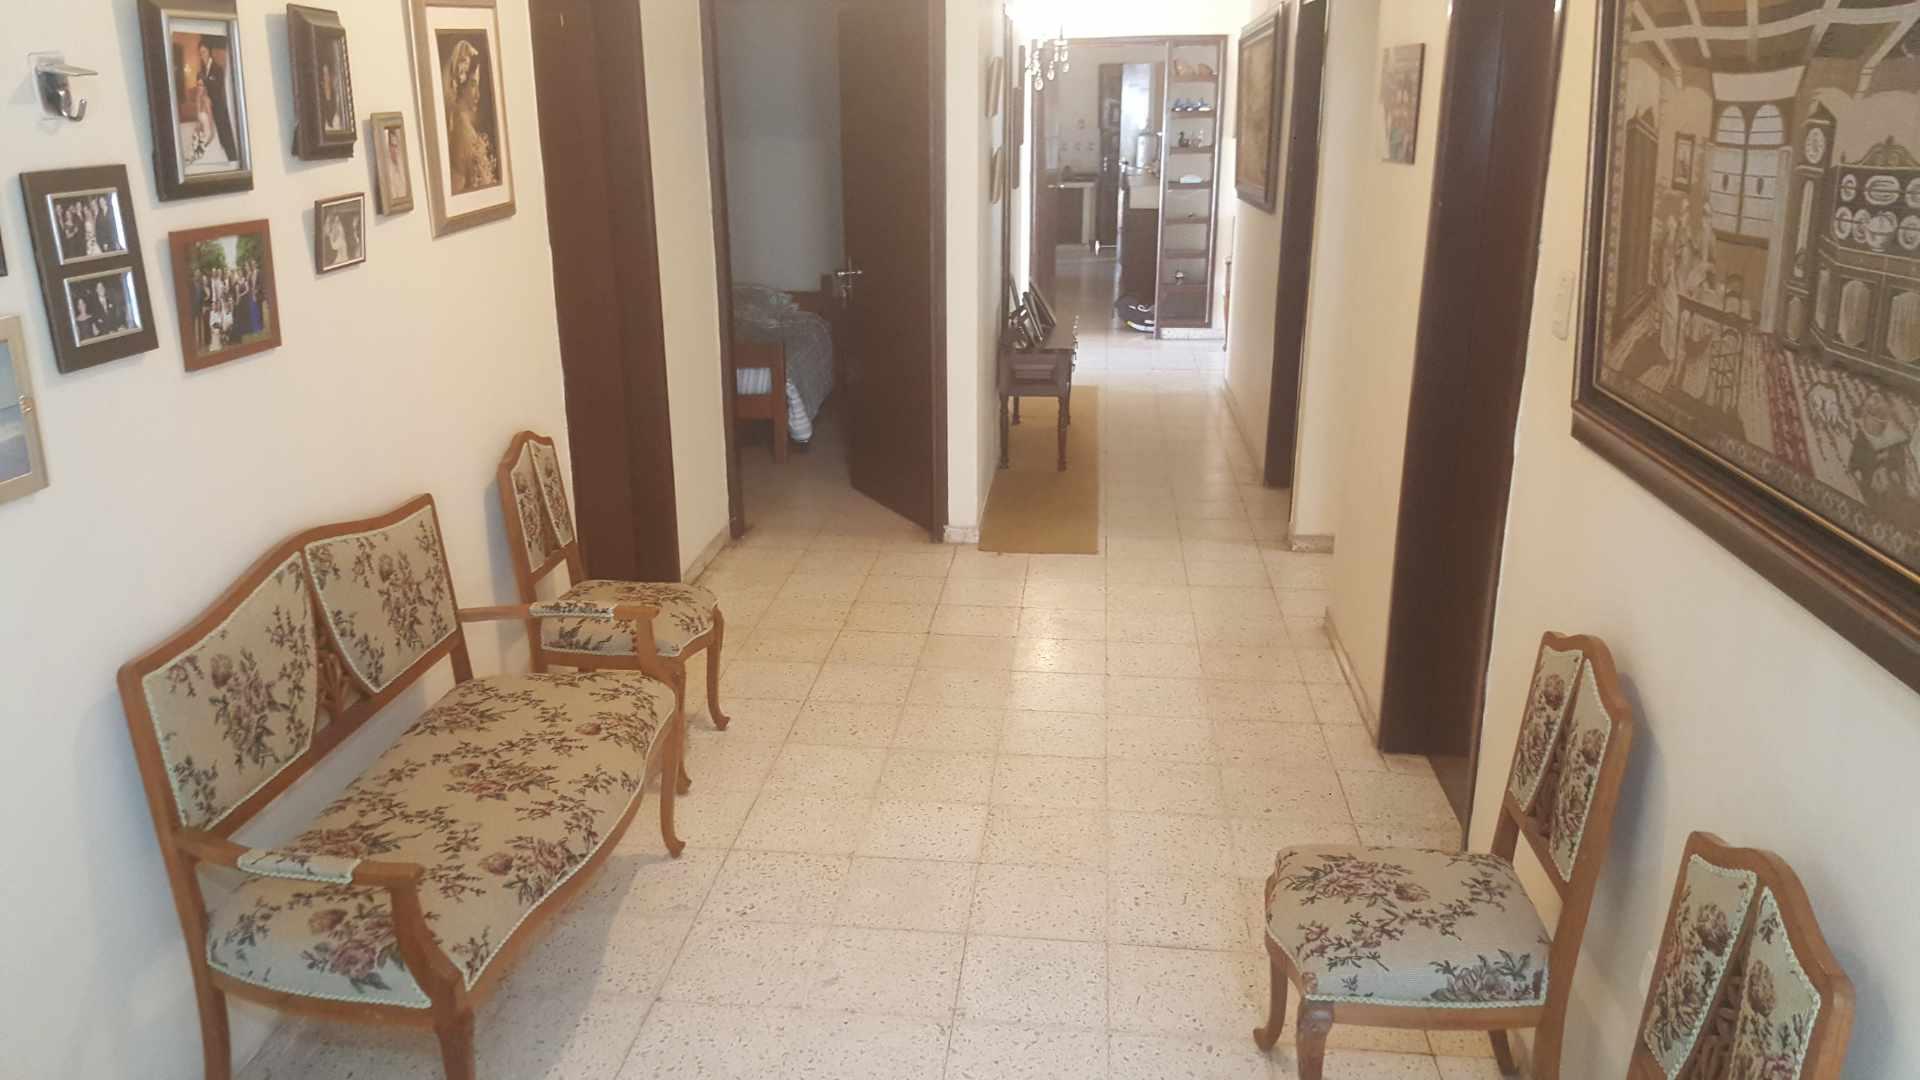 Casa en Venta BARRIO POLANCO, RADIAL 10/CALLE JUAN BLANCO. ENTRE 3er y 4to ANILLO Foto 6